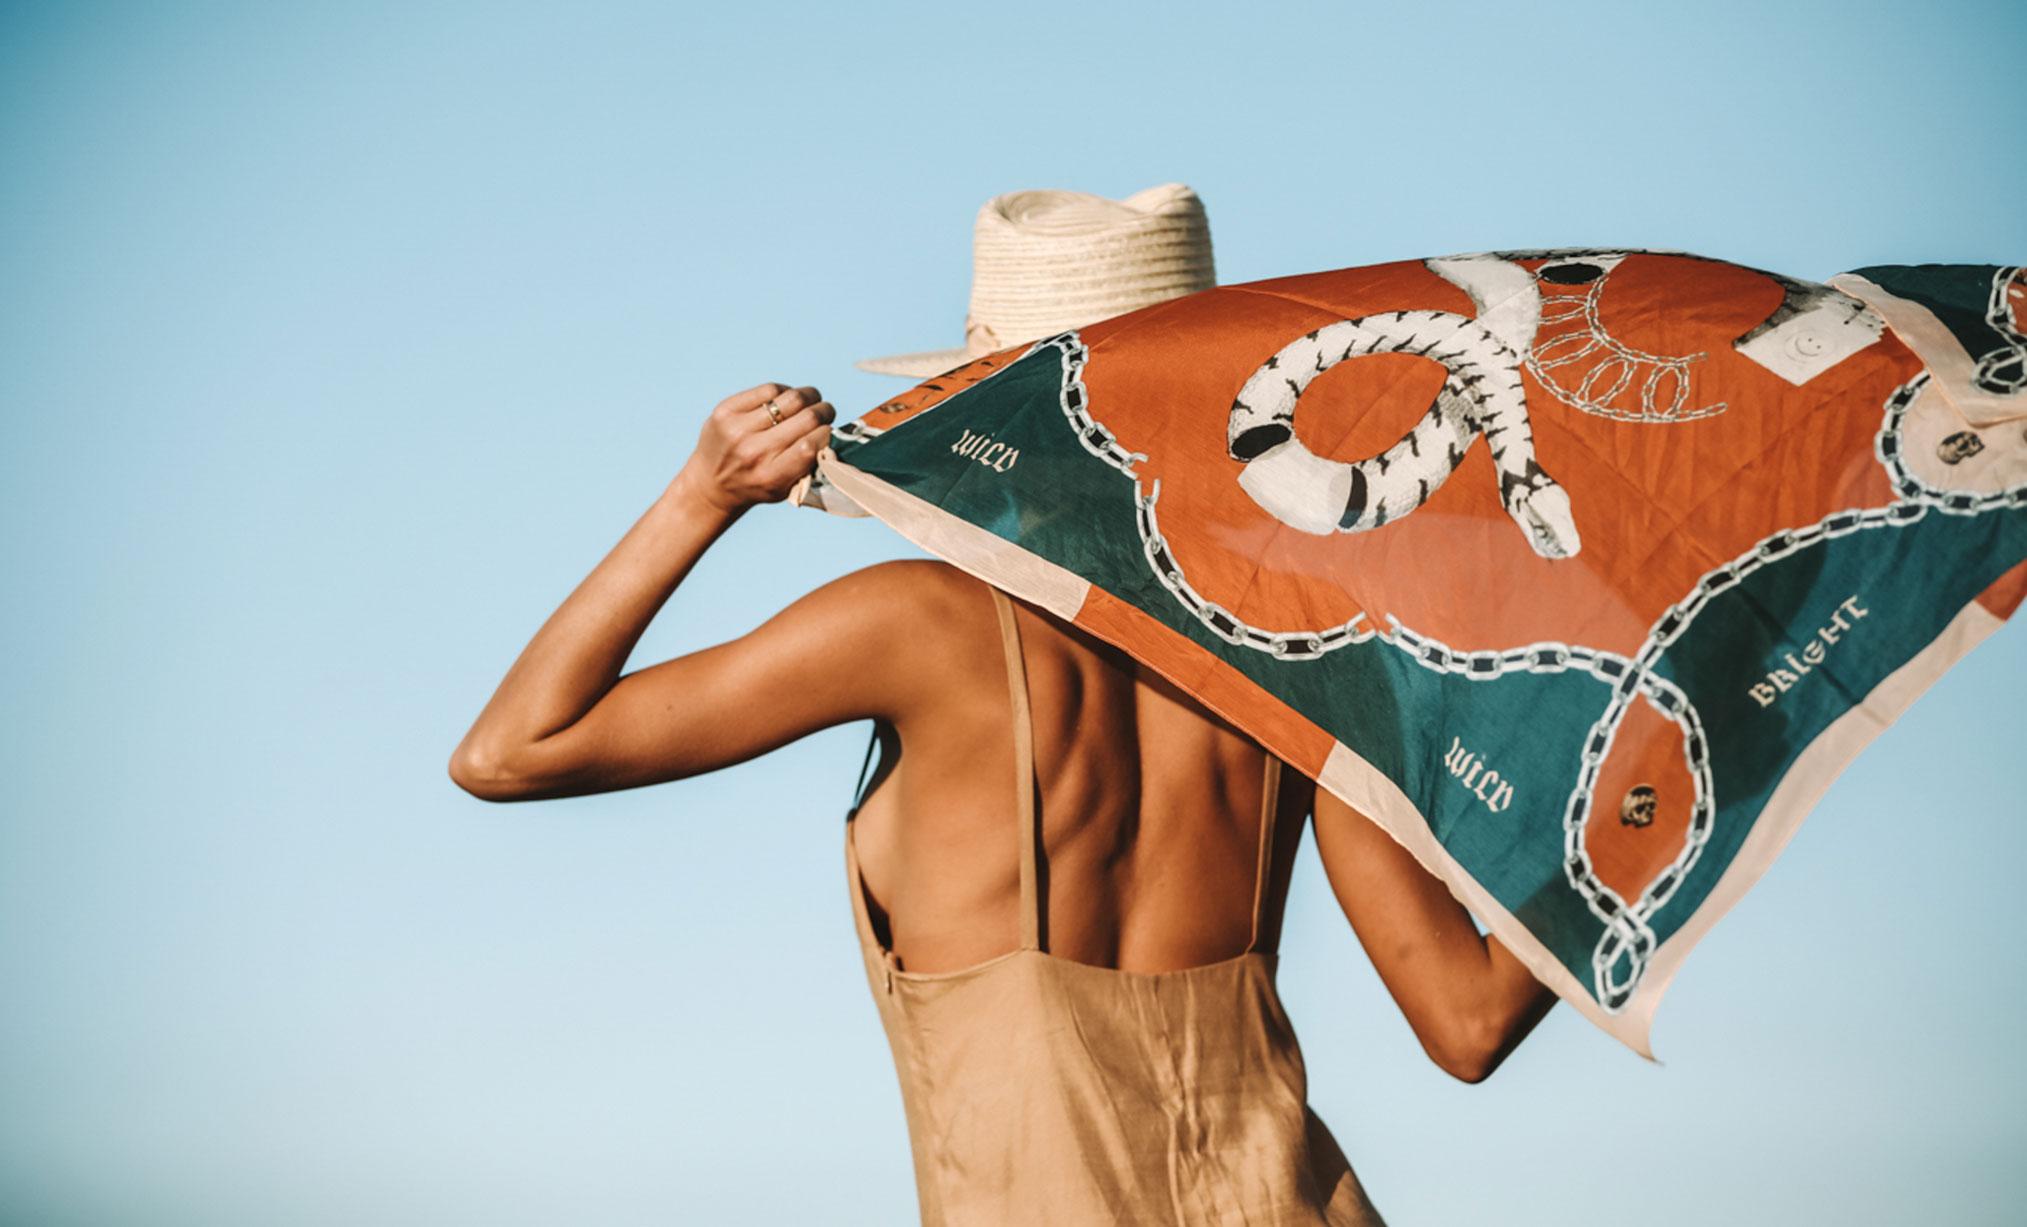 Поездка по Марокко в рекламе шляп, косынок и бандан Fringe and Frange / фото 01